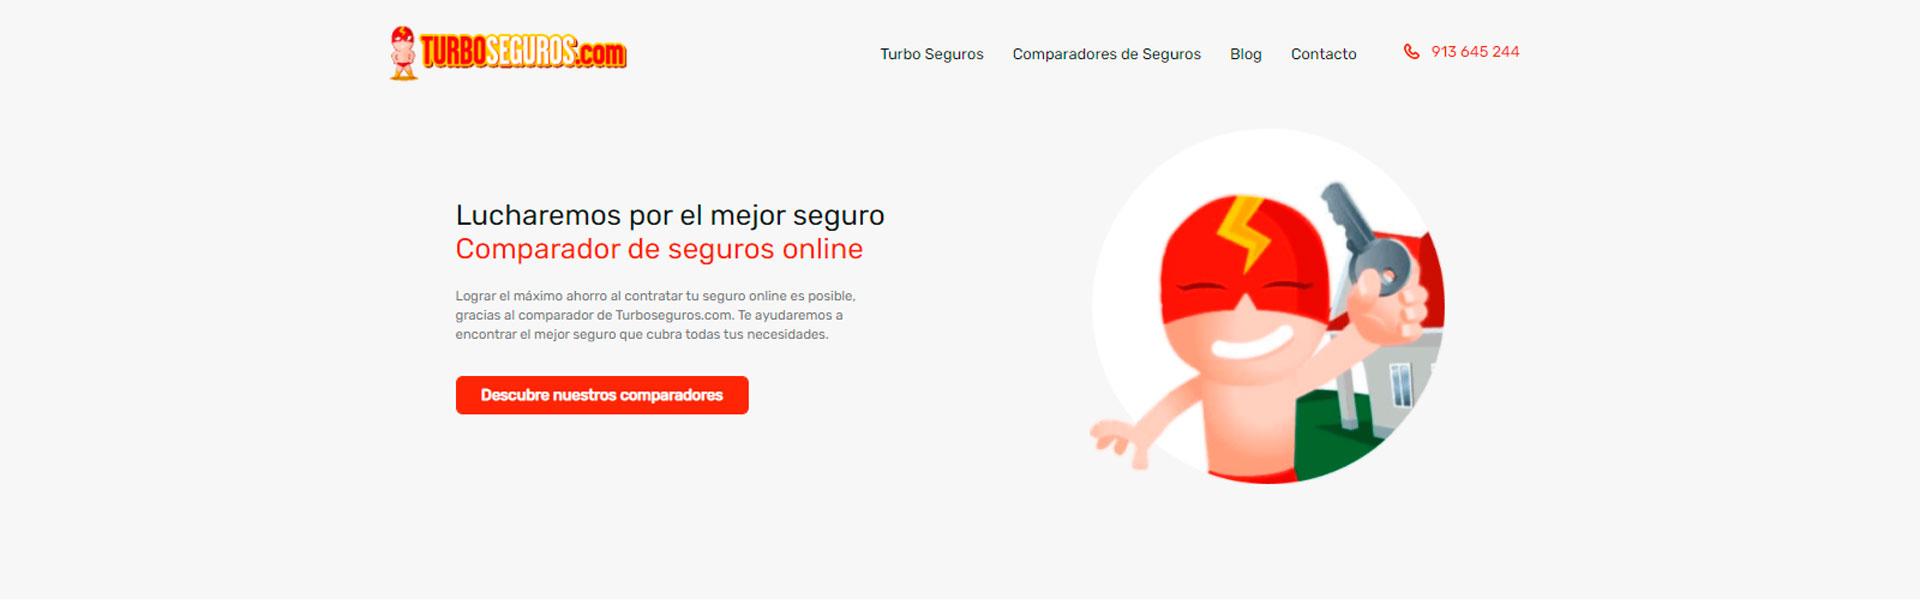 nueva web de turboseguros.com